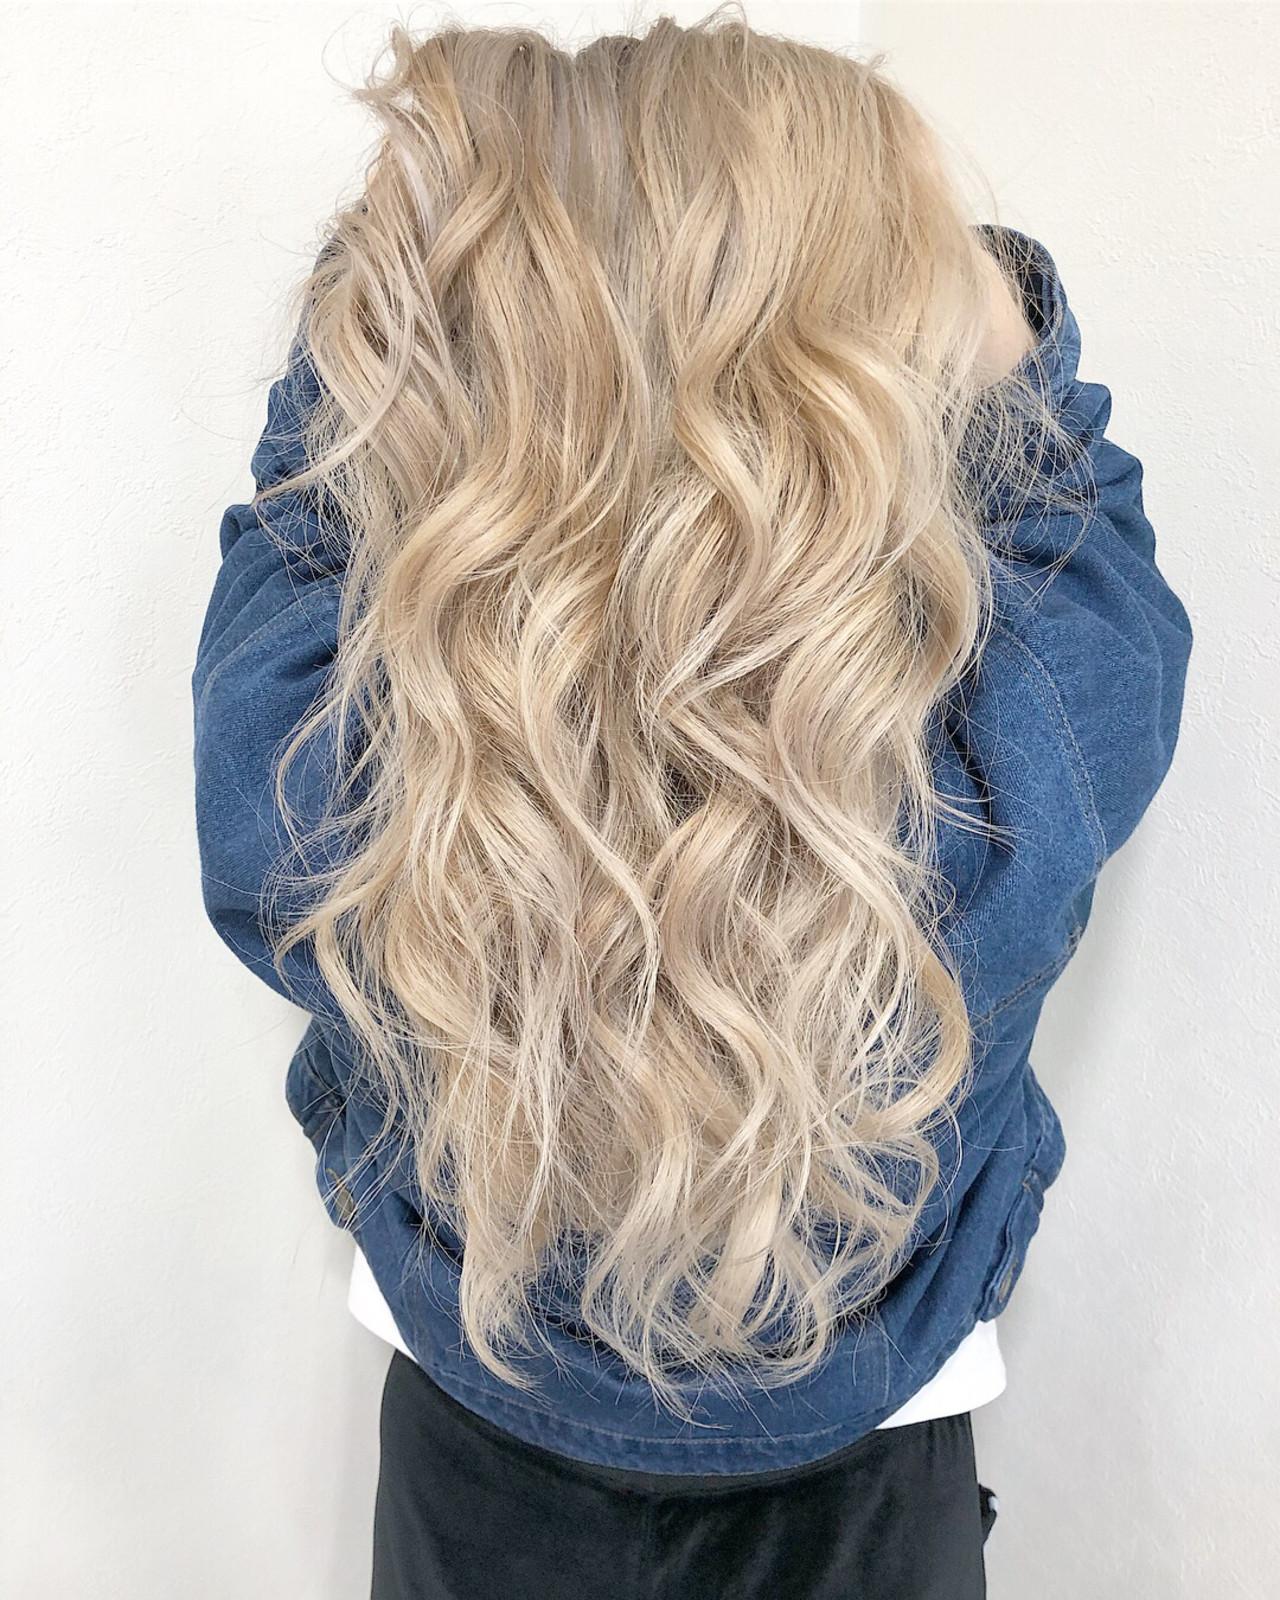 ブロンドカラー ブリーチ エレガント ロング ヘアスタイルや髪型の写真・画像   ヤマグチ ヒカル / Vida creative hair salon